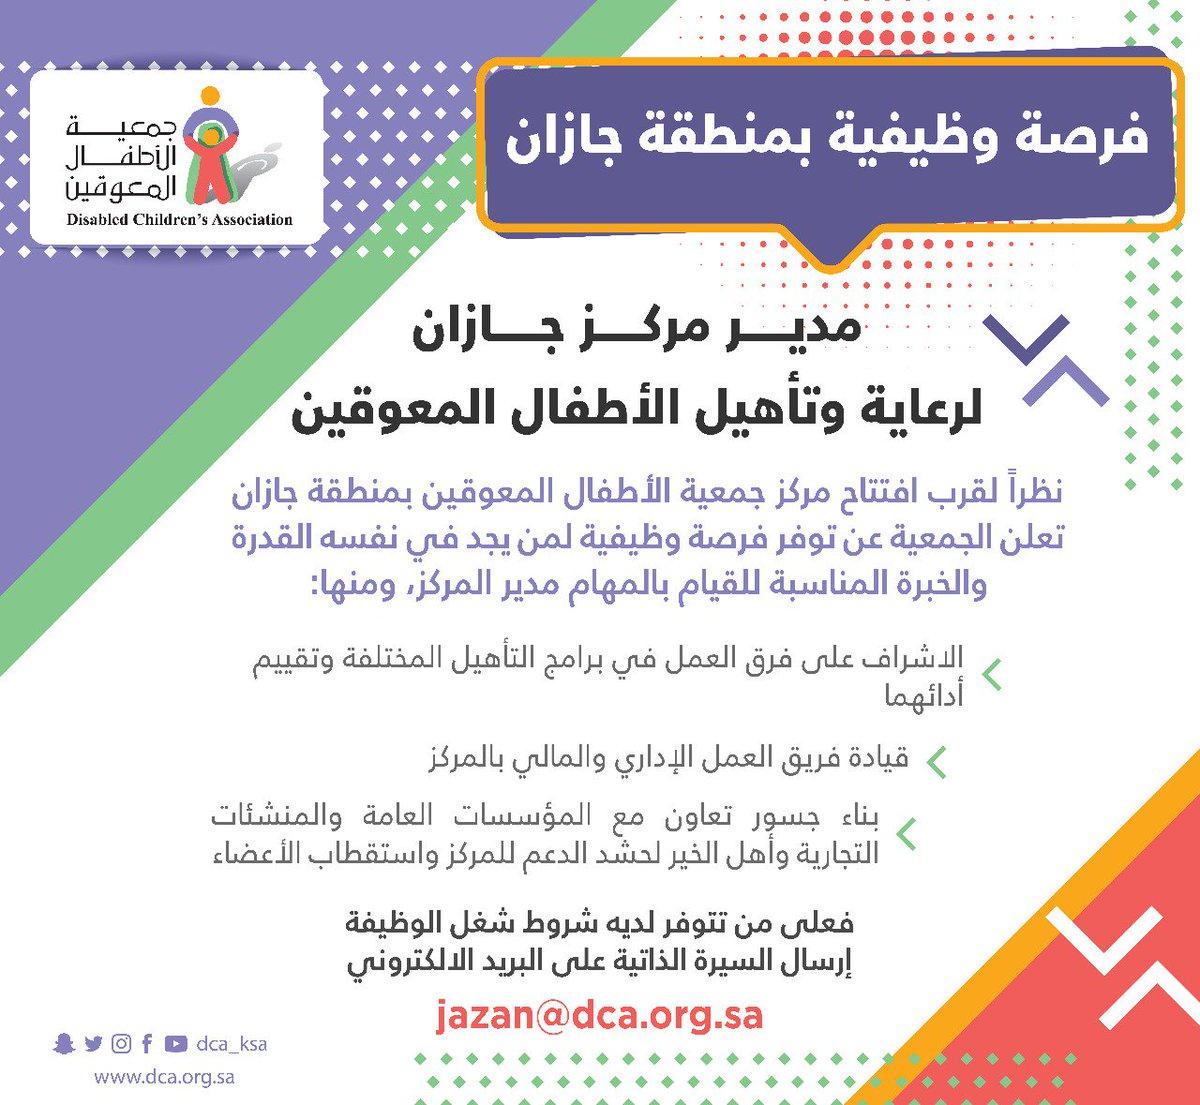 جمعية الاطفال المعوقين في جازان وظائف معلمات تربية خاصة واخصائيات وتمريض